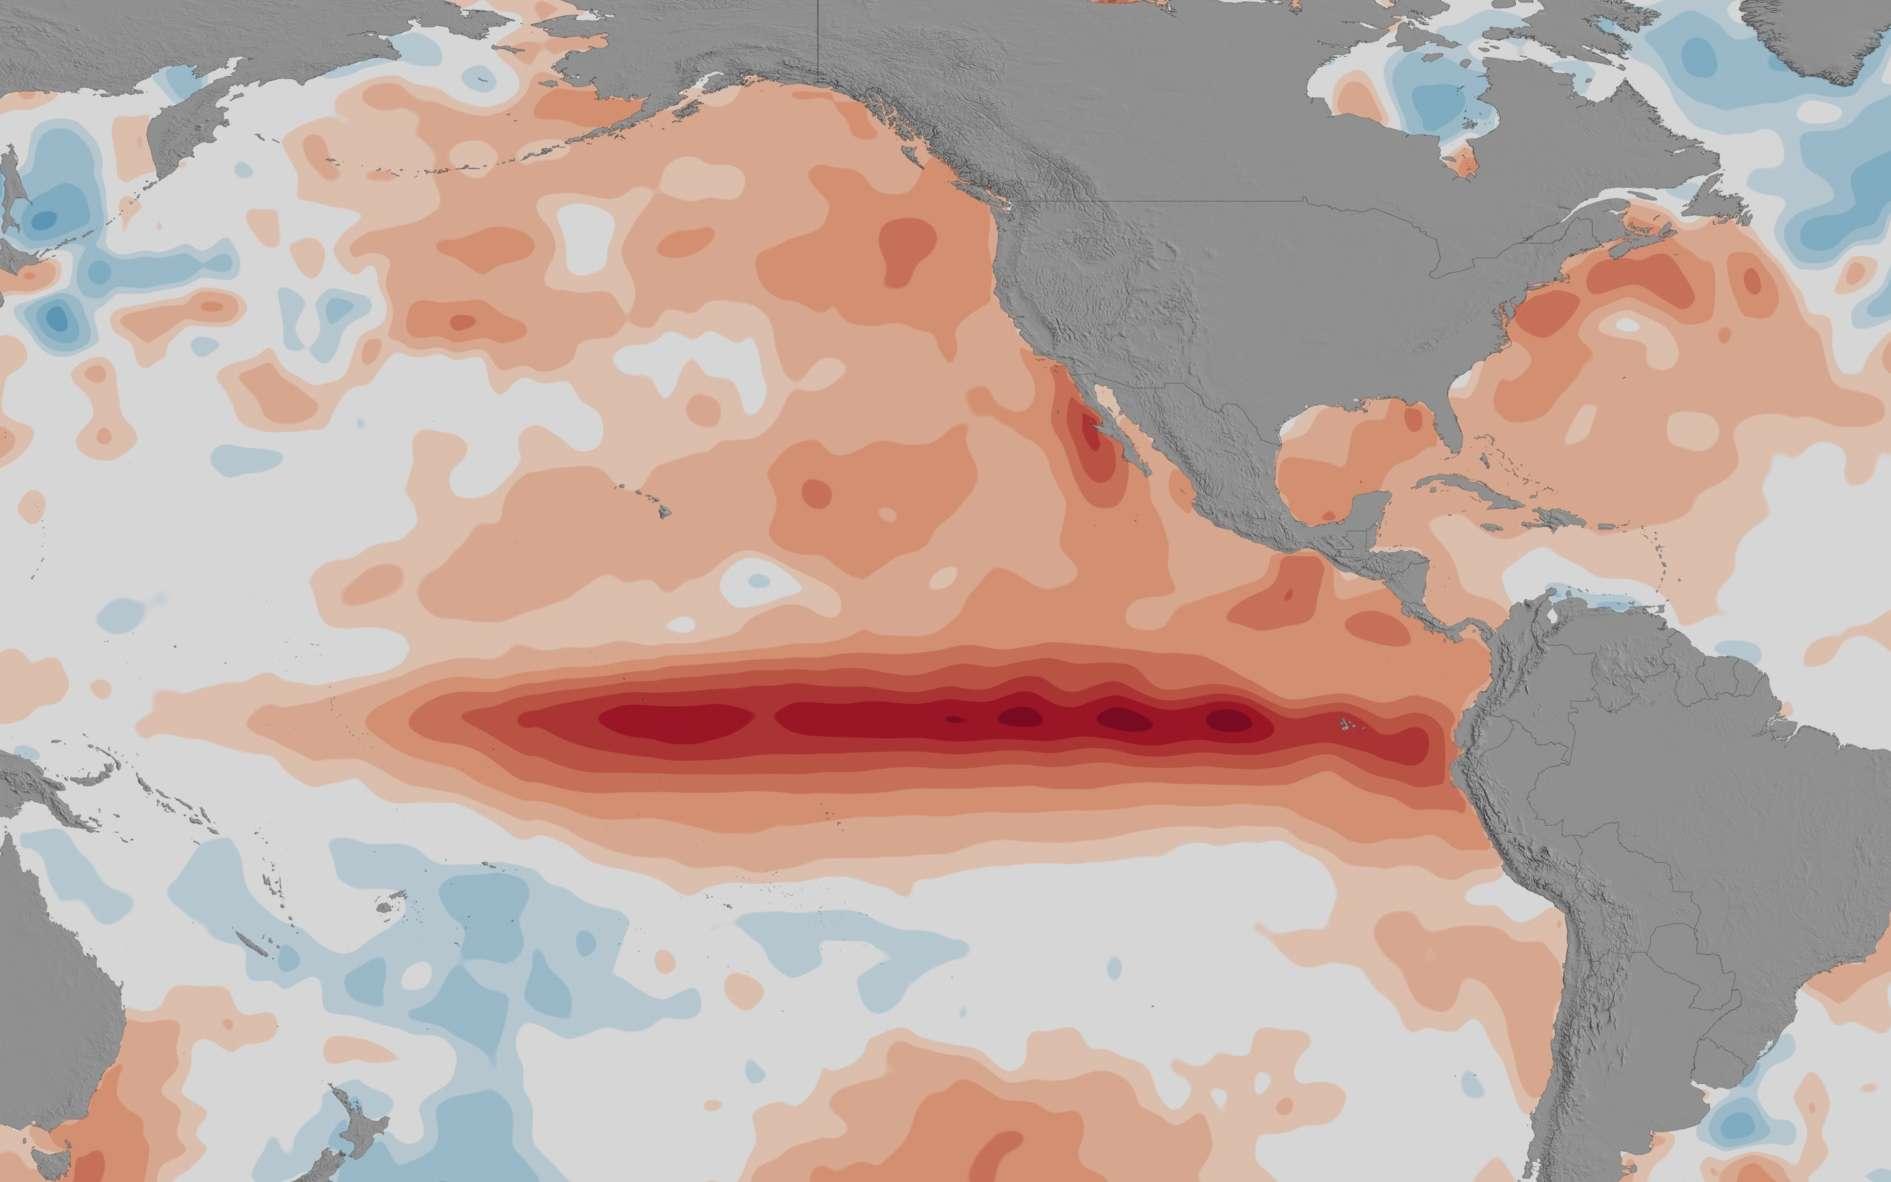 Les températures de la surface de l'océan Pacifique mettent en évidence clairement le phénomène météorolique El Niño, en 2015-2016. © Nasa